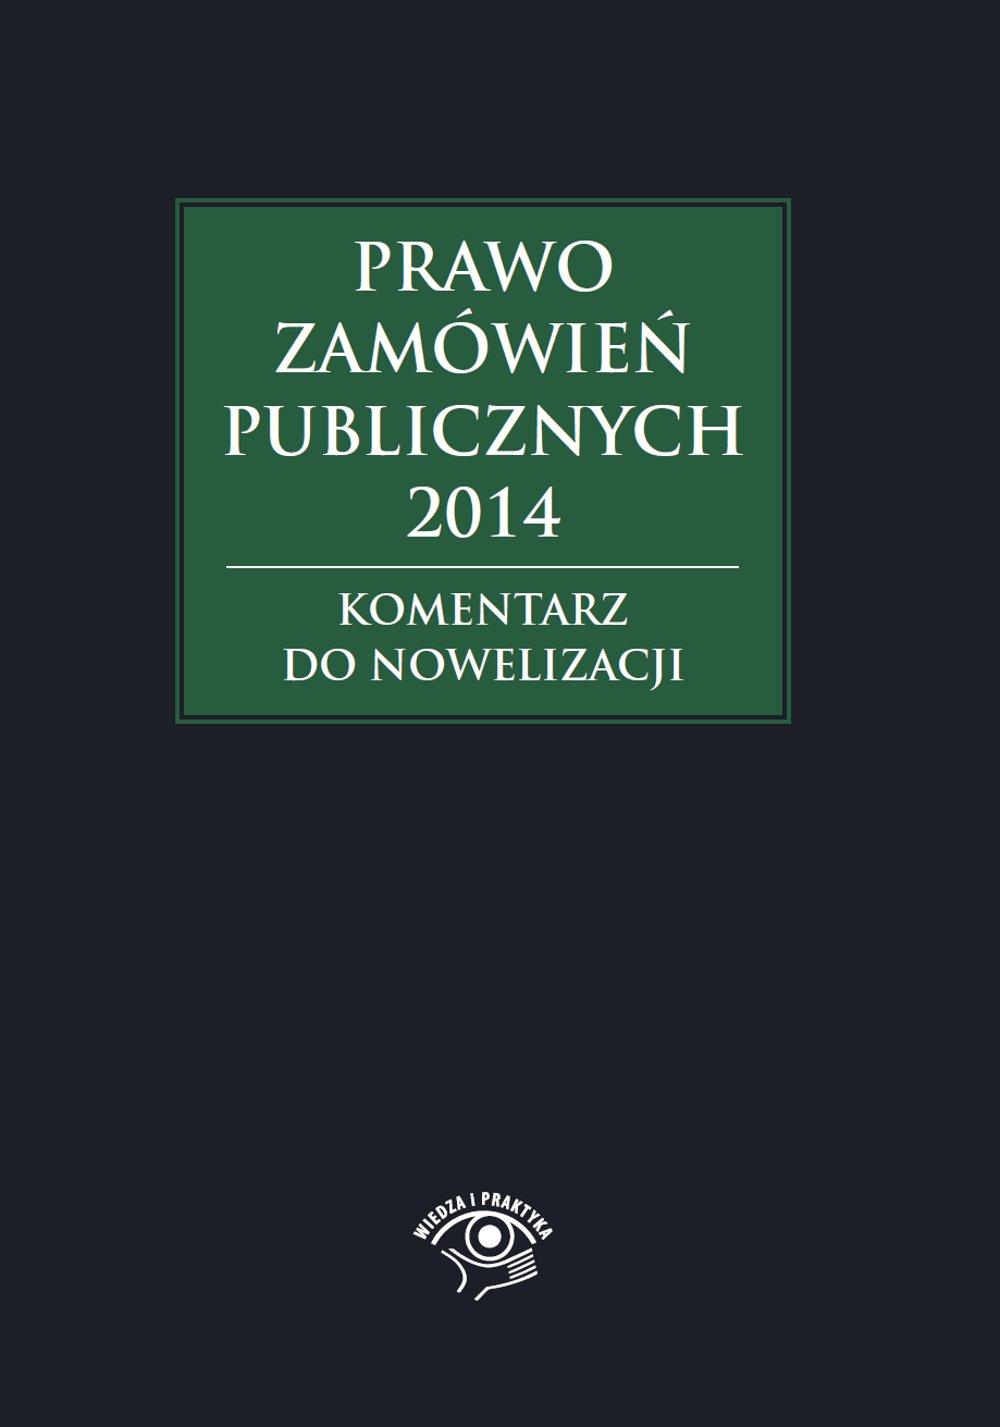 Prawo zamówień publicznych 2014. Komentarz do nowelizacji - Ebook (Książka na Kindle) do pobrania w formacie MOBI